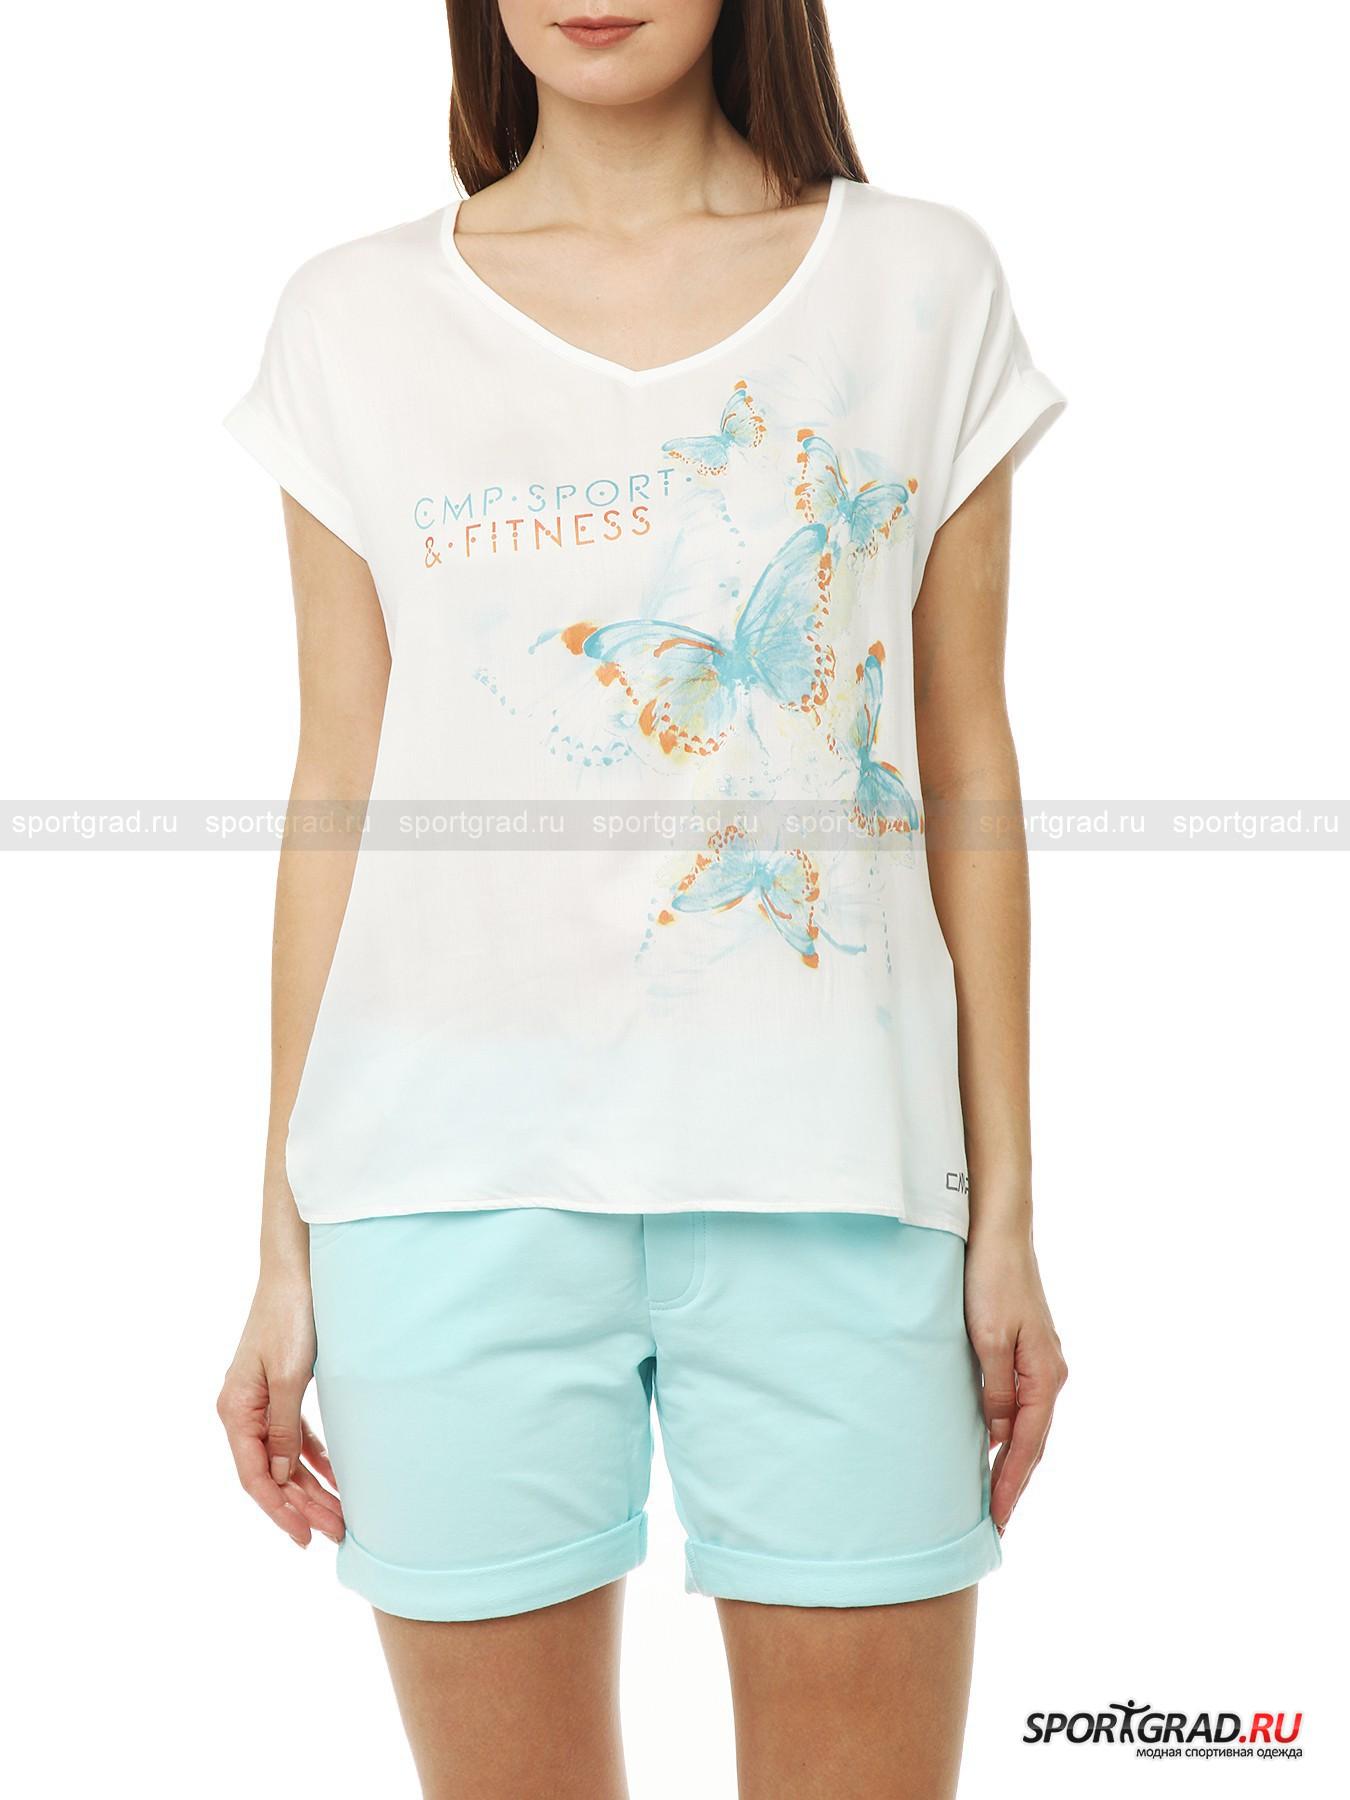 Женская Одежда Оптом Производители Мытищи